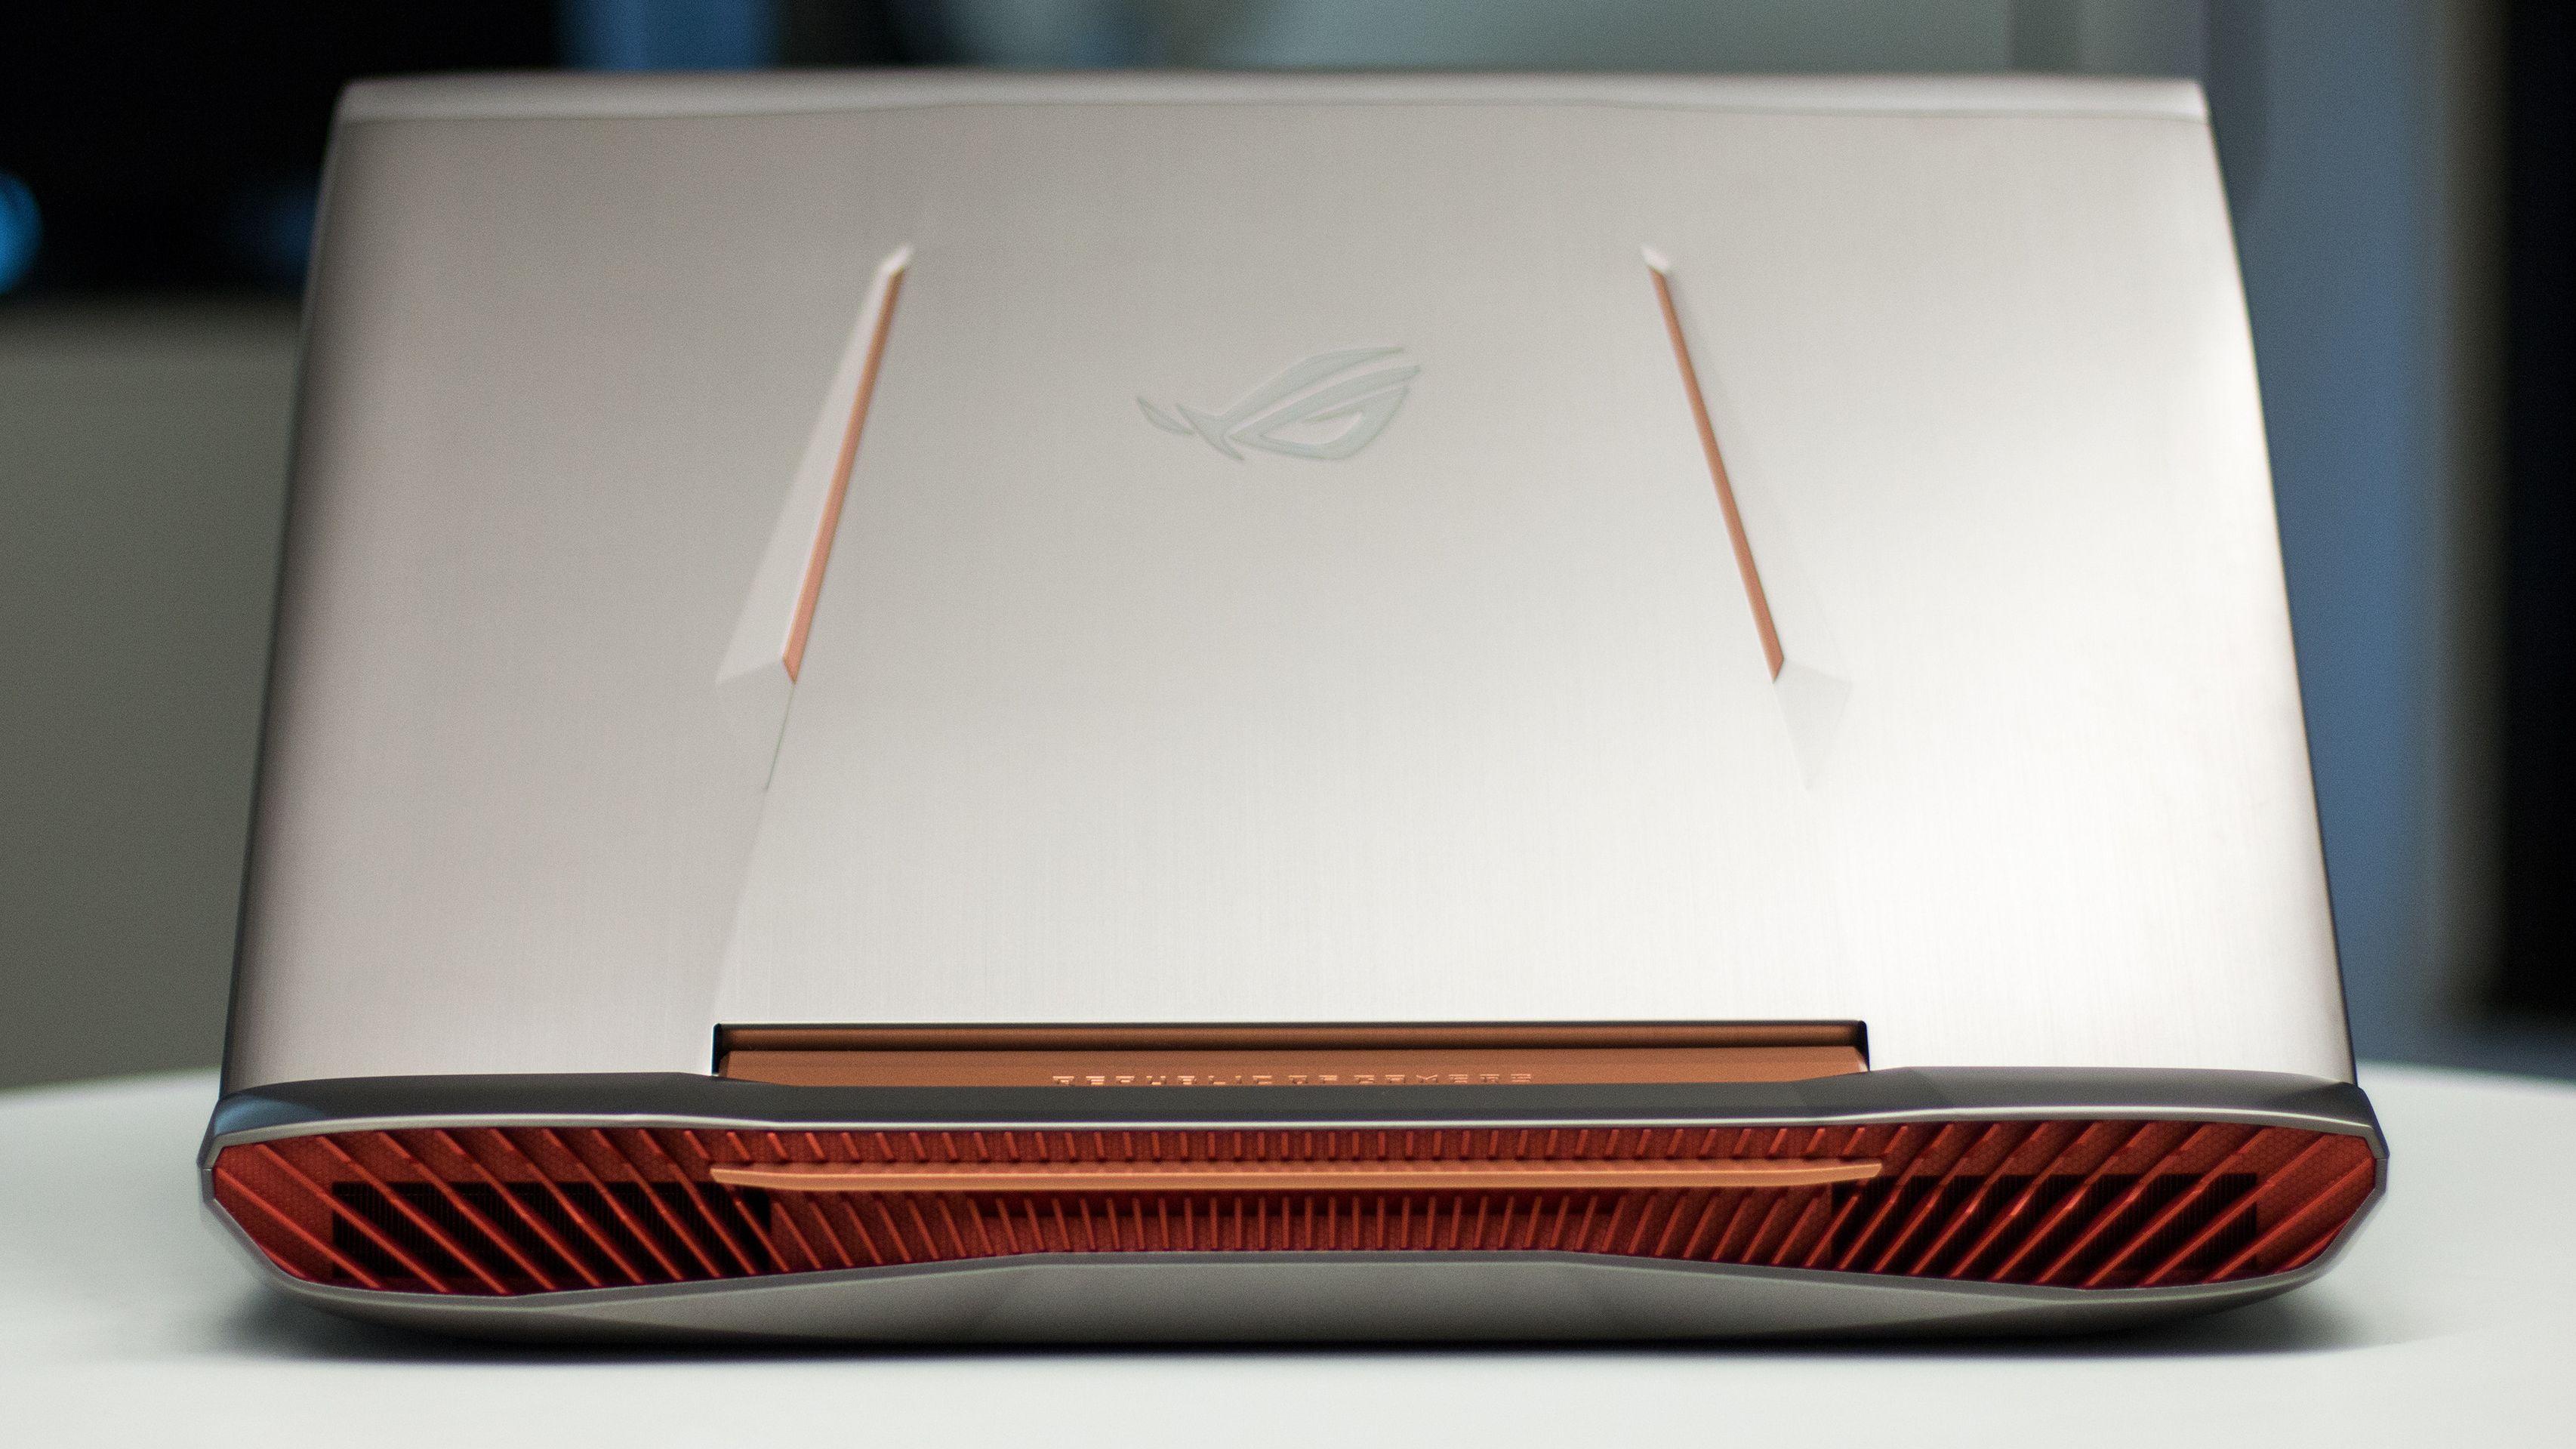 Asus ROG G752VS med Nvidia GTX 1070